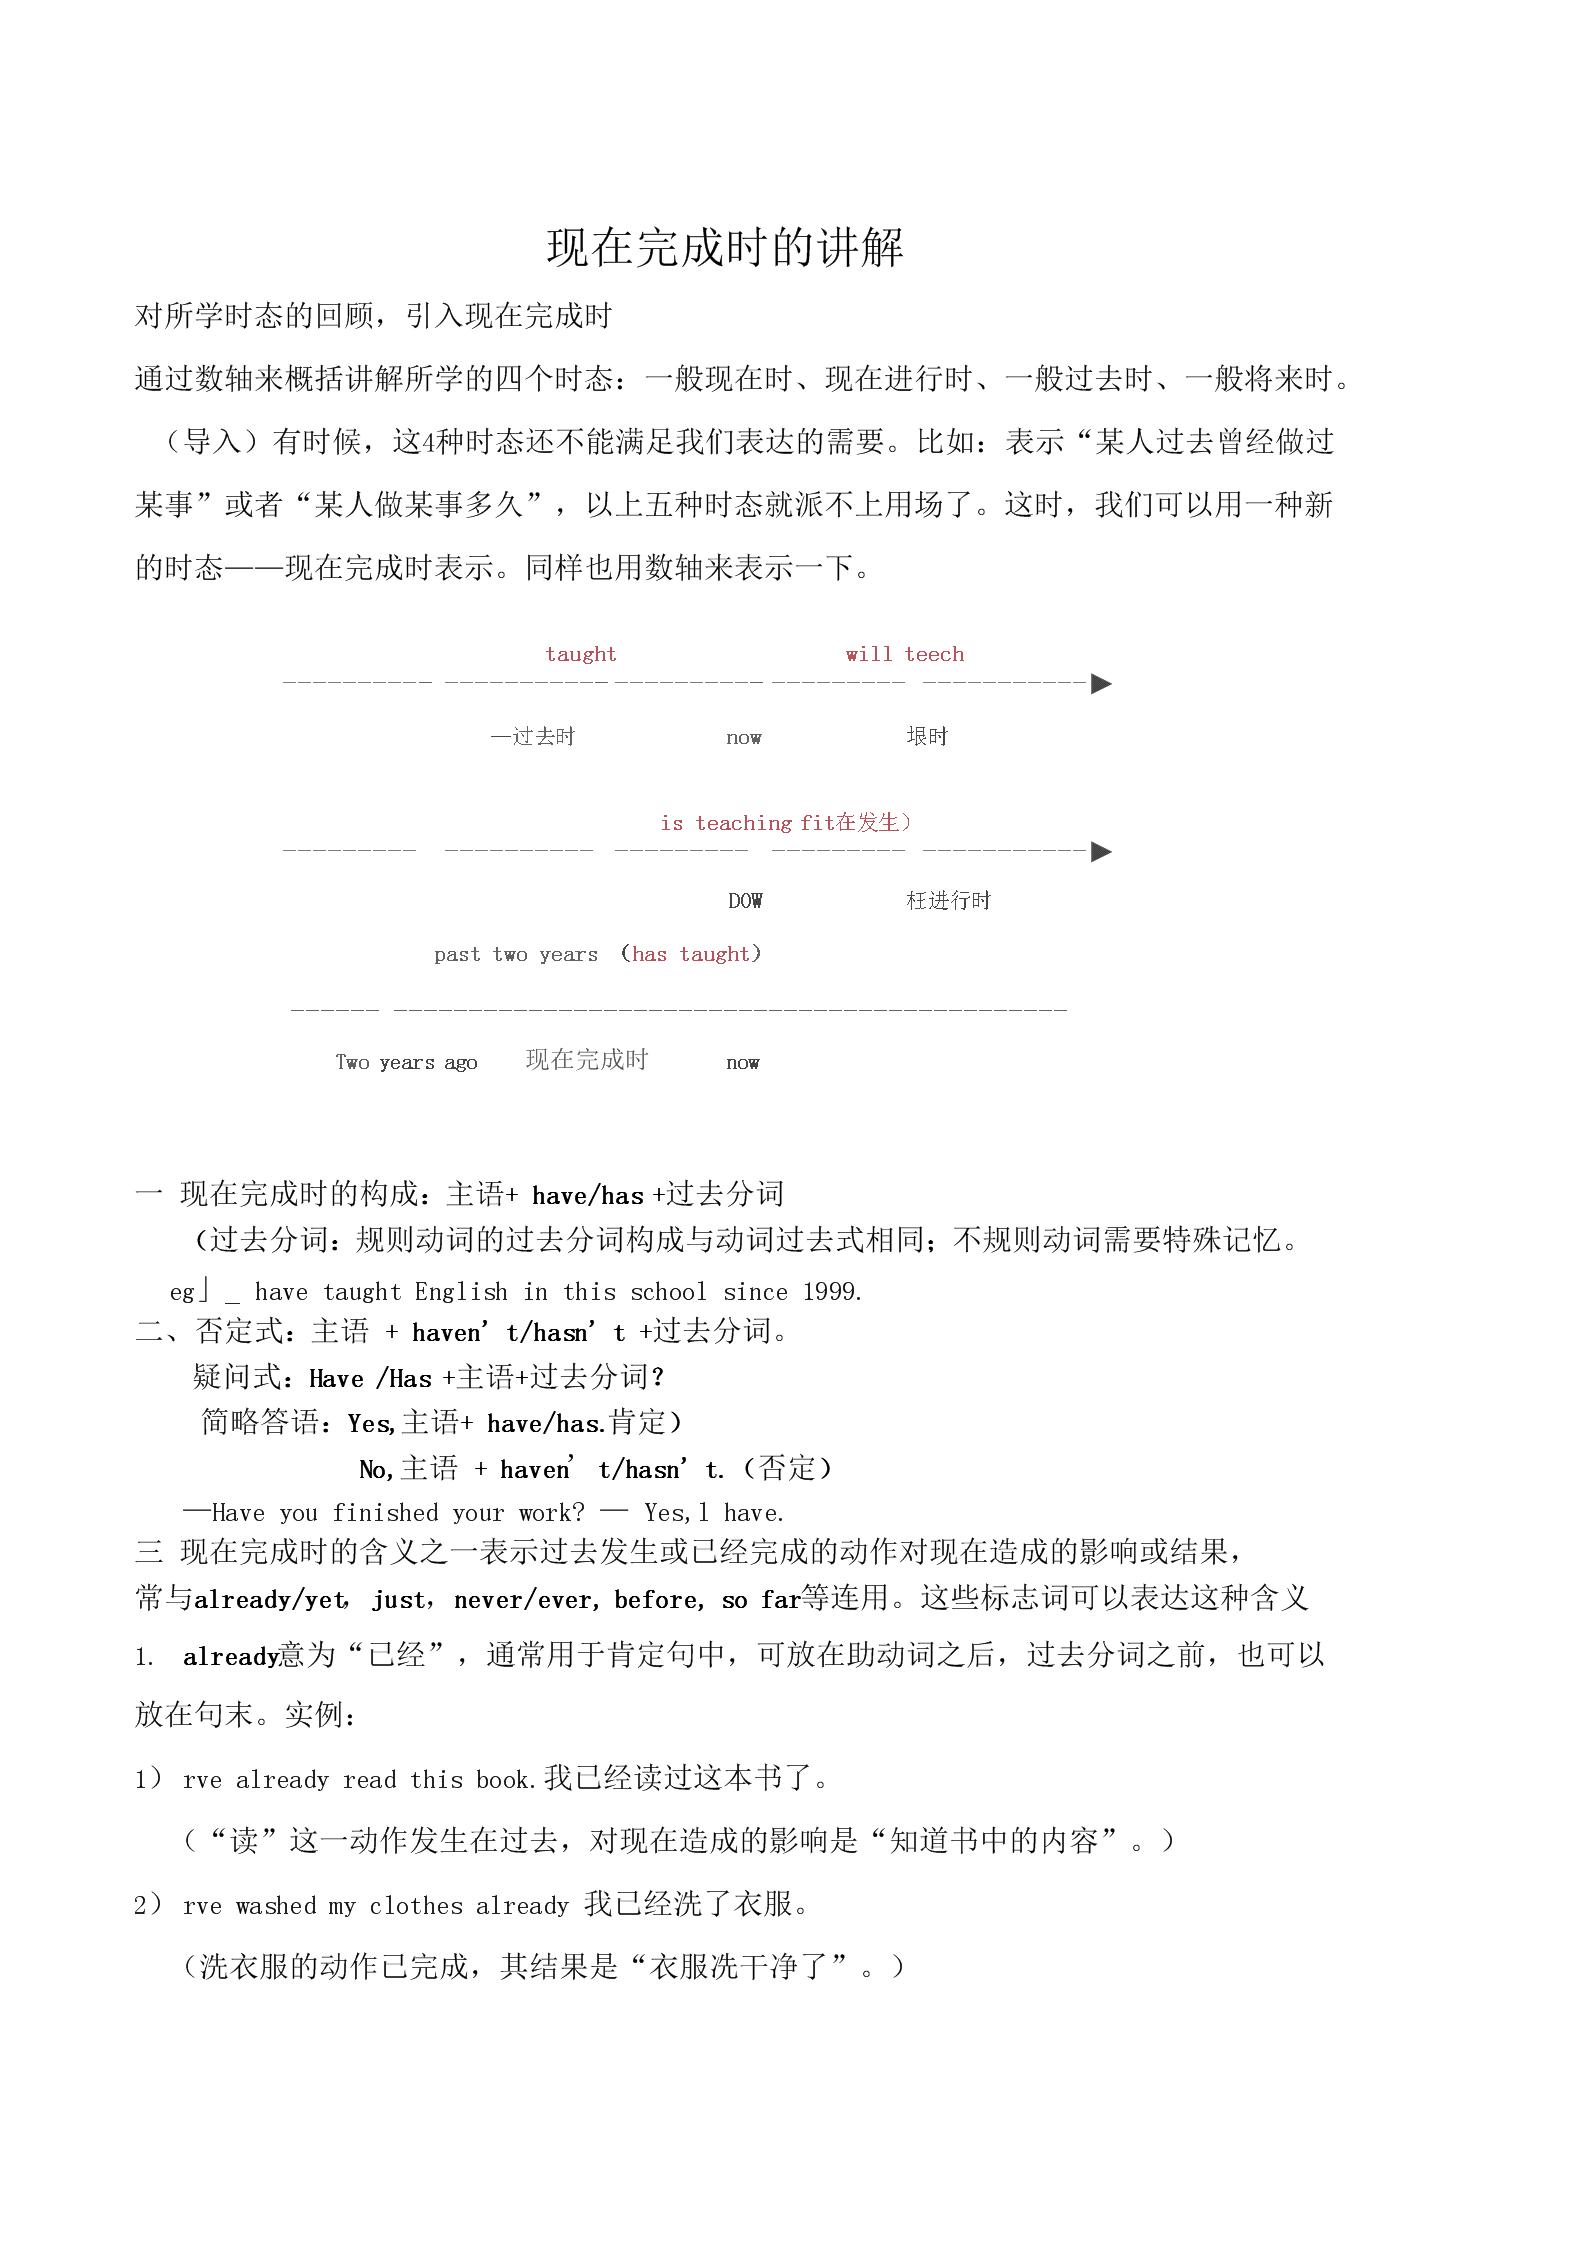 现在完成时的用法讲解1.docx